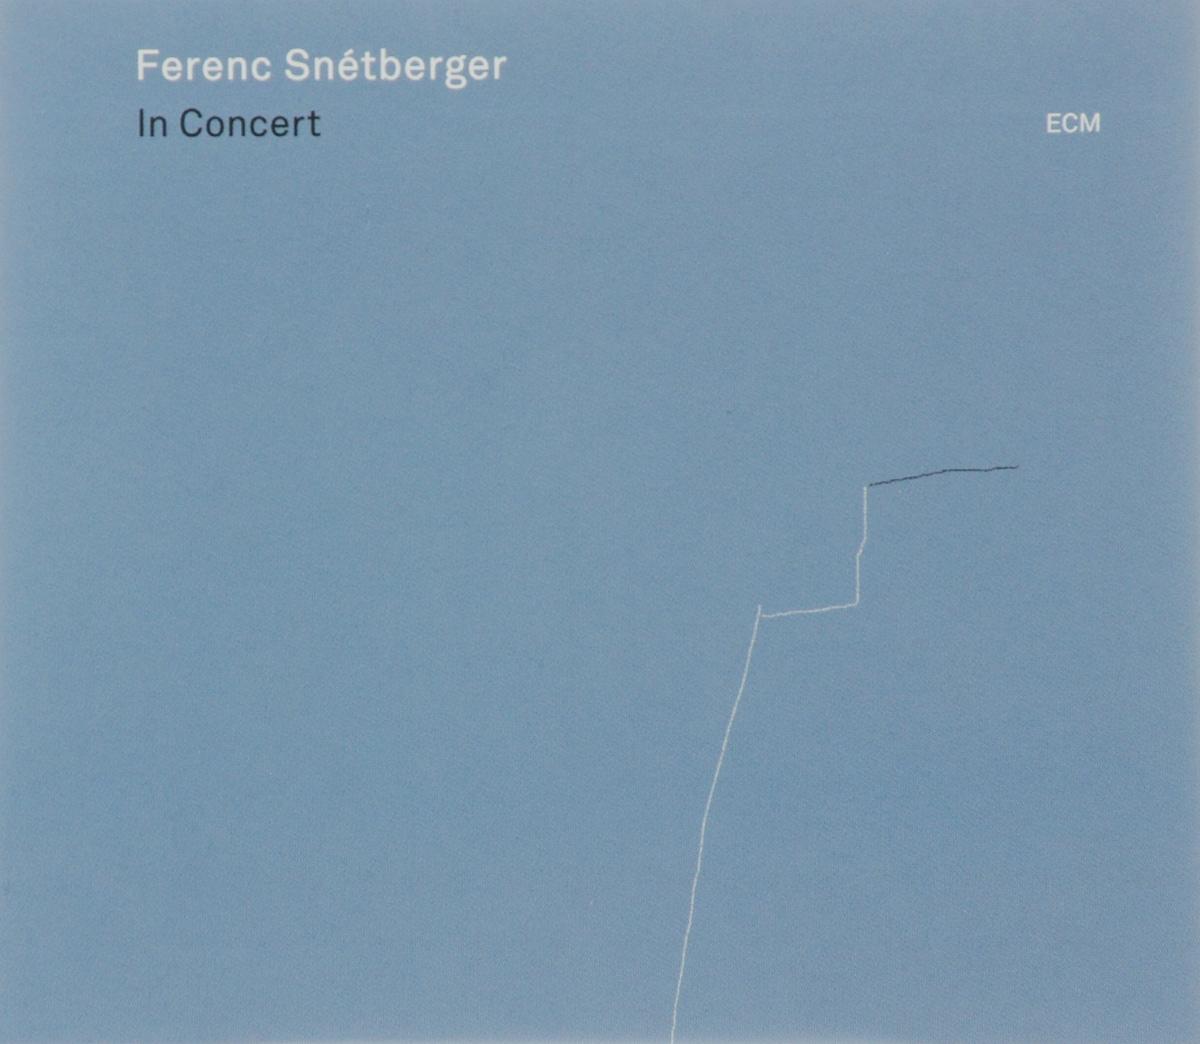 Ференк Снэтберг Ferenc Snetberger. In Concert